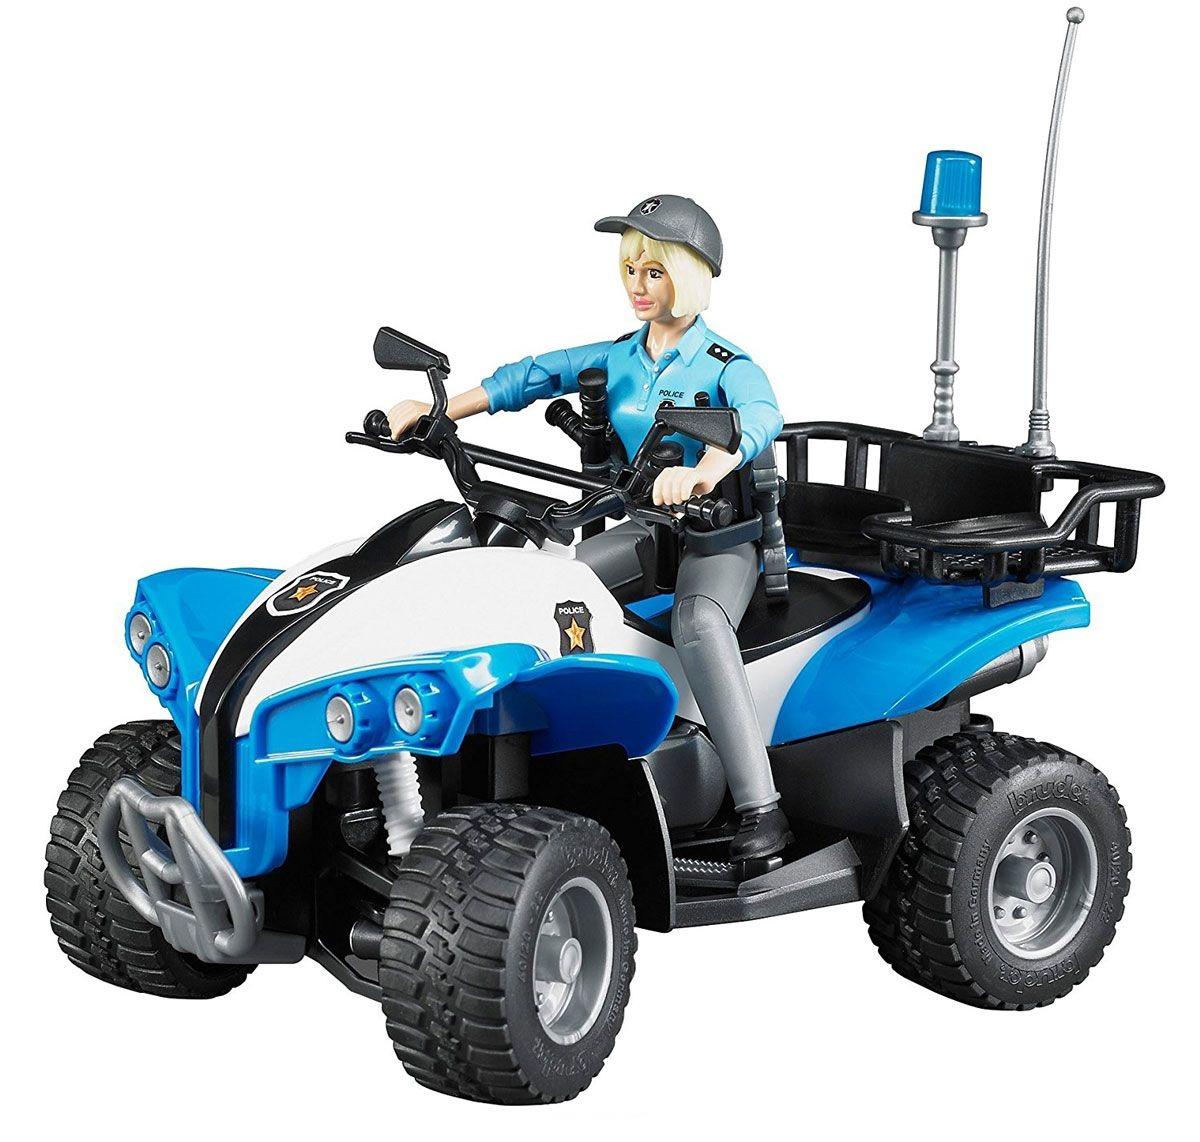 Полицейский квадроцикл с фигуркойФургоны и машины<br>Полицейский квадроцикл с фигуркой<br>